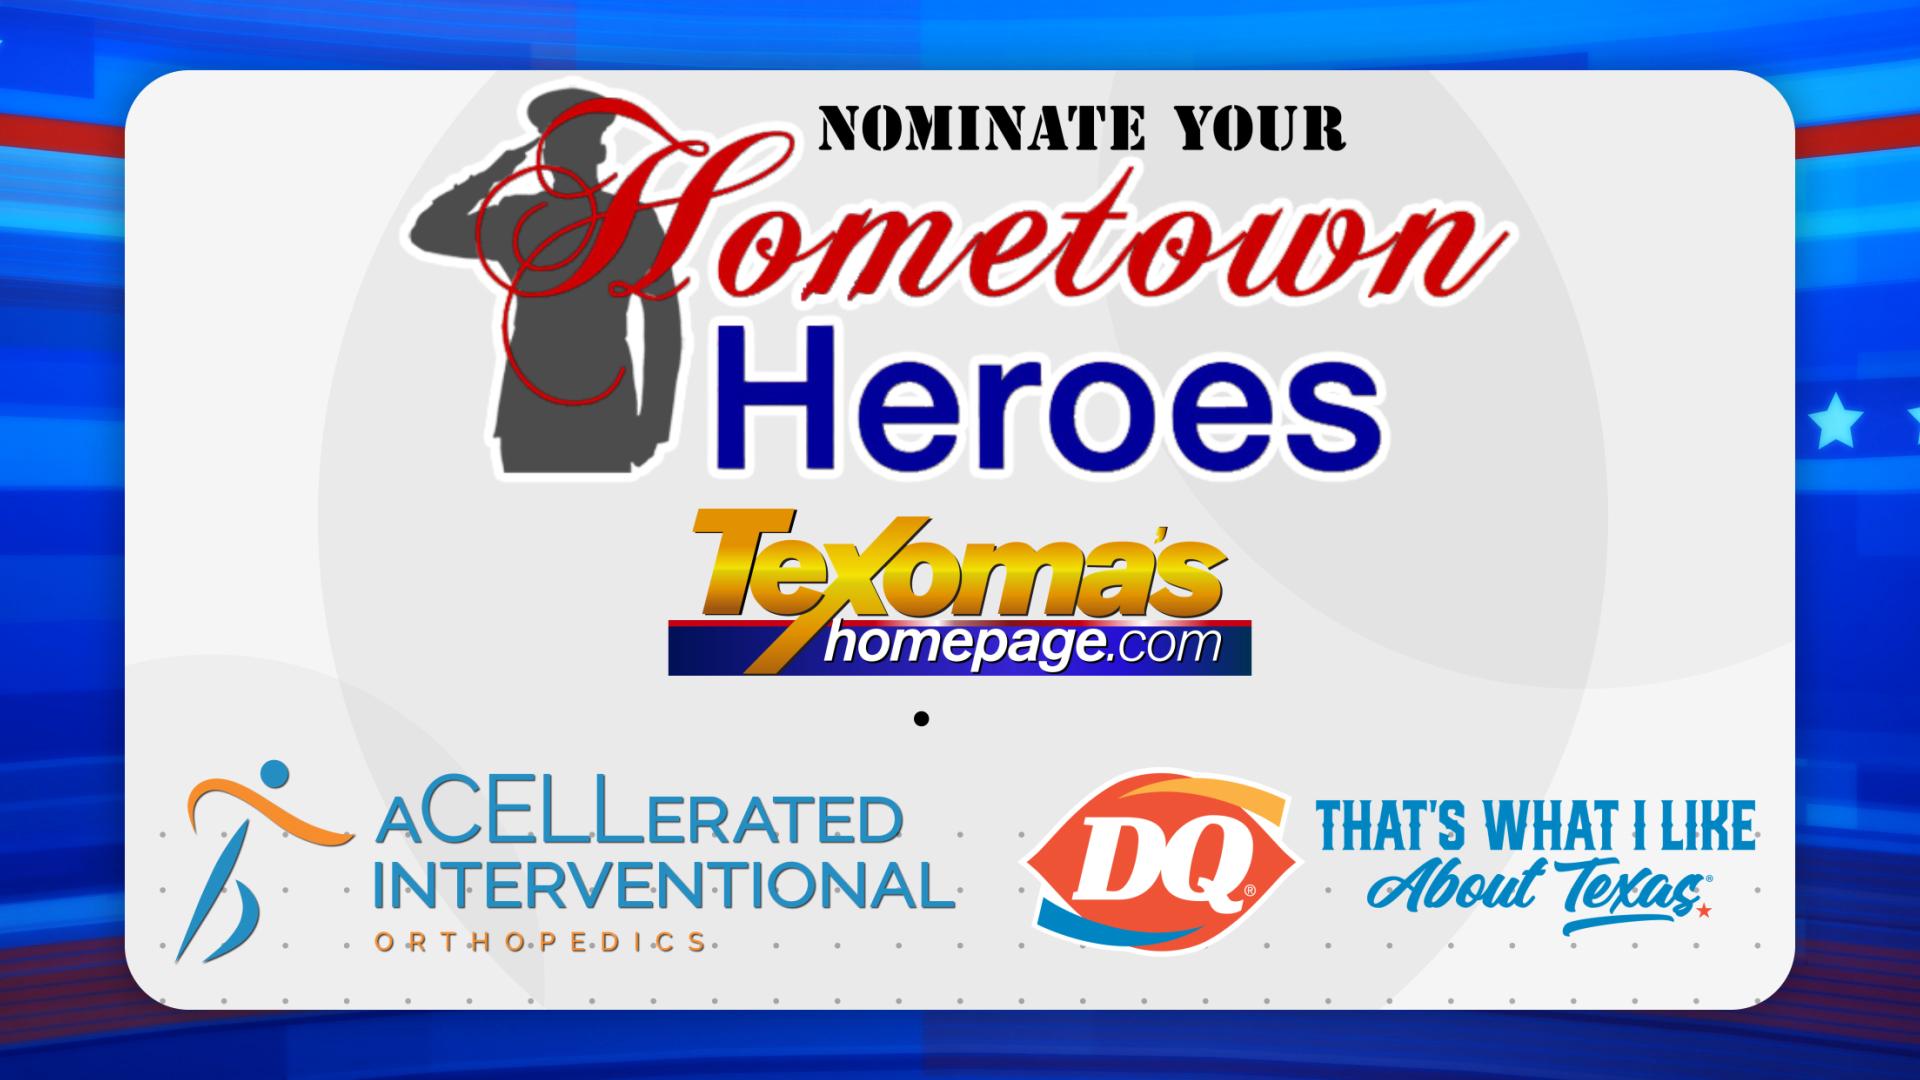 Hometown Heroes Texomashomepage